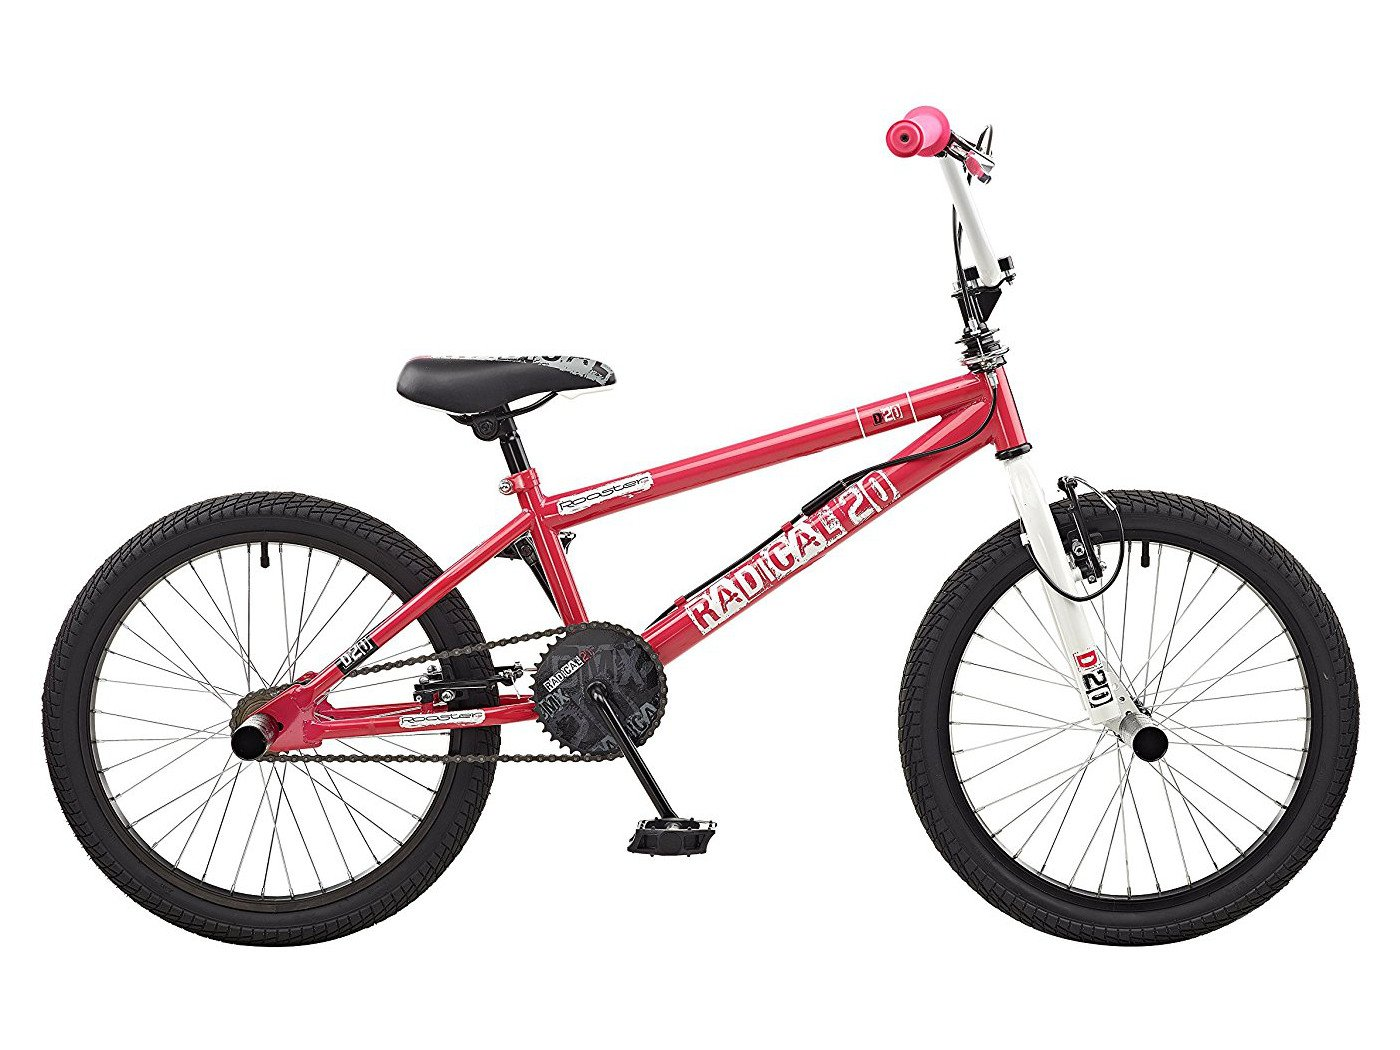 Gallo Radical 20 BMX Bicicleta Color Rosa/Blanco (con protección ...